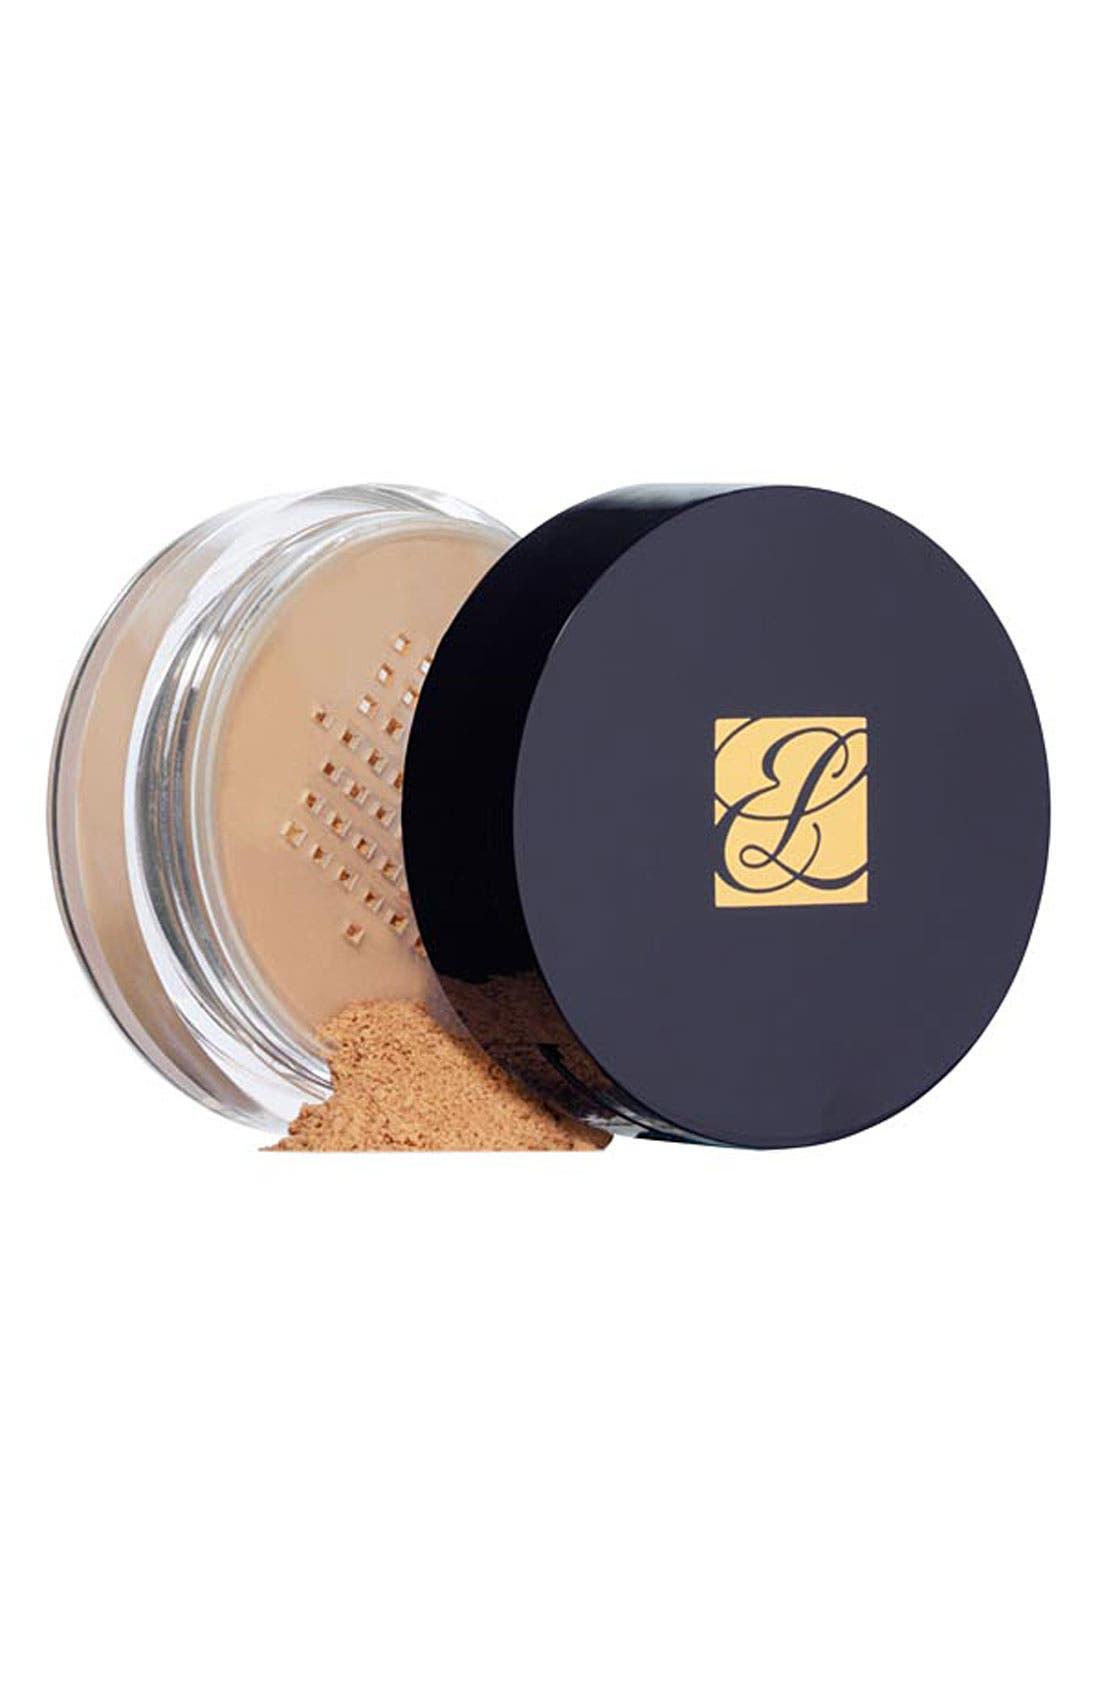 Estée Lauder 'Double Wear' Mineral Rich Loose Powder